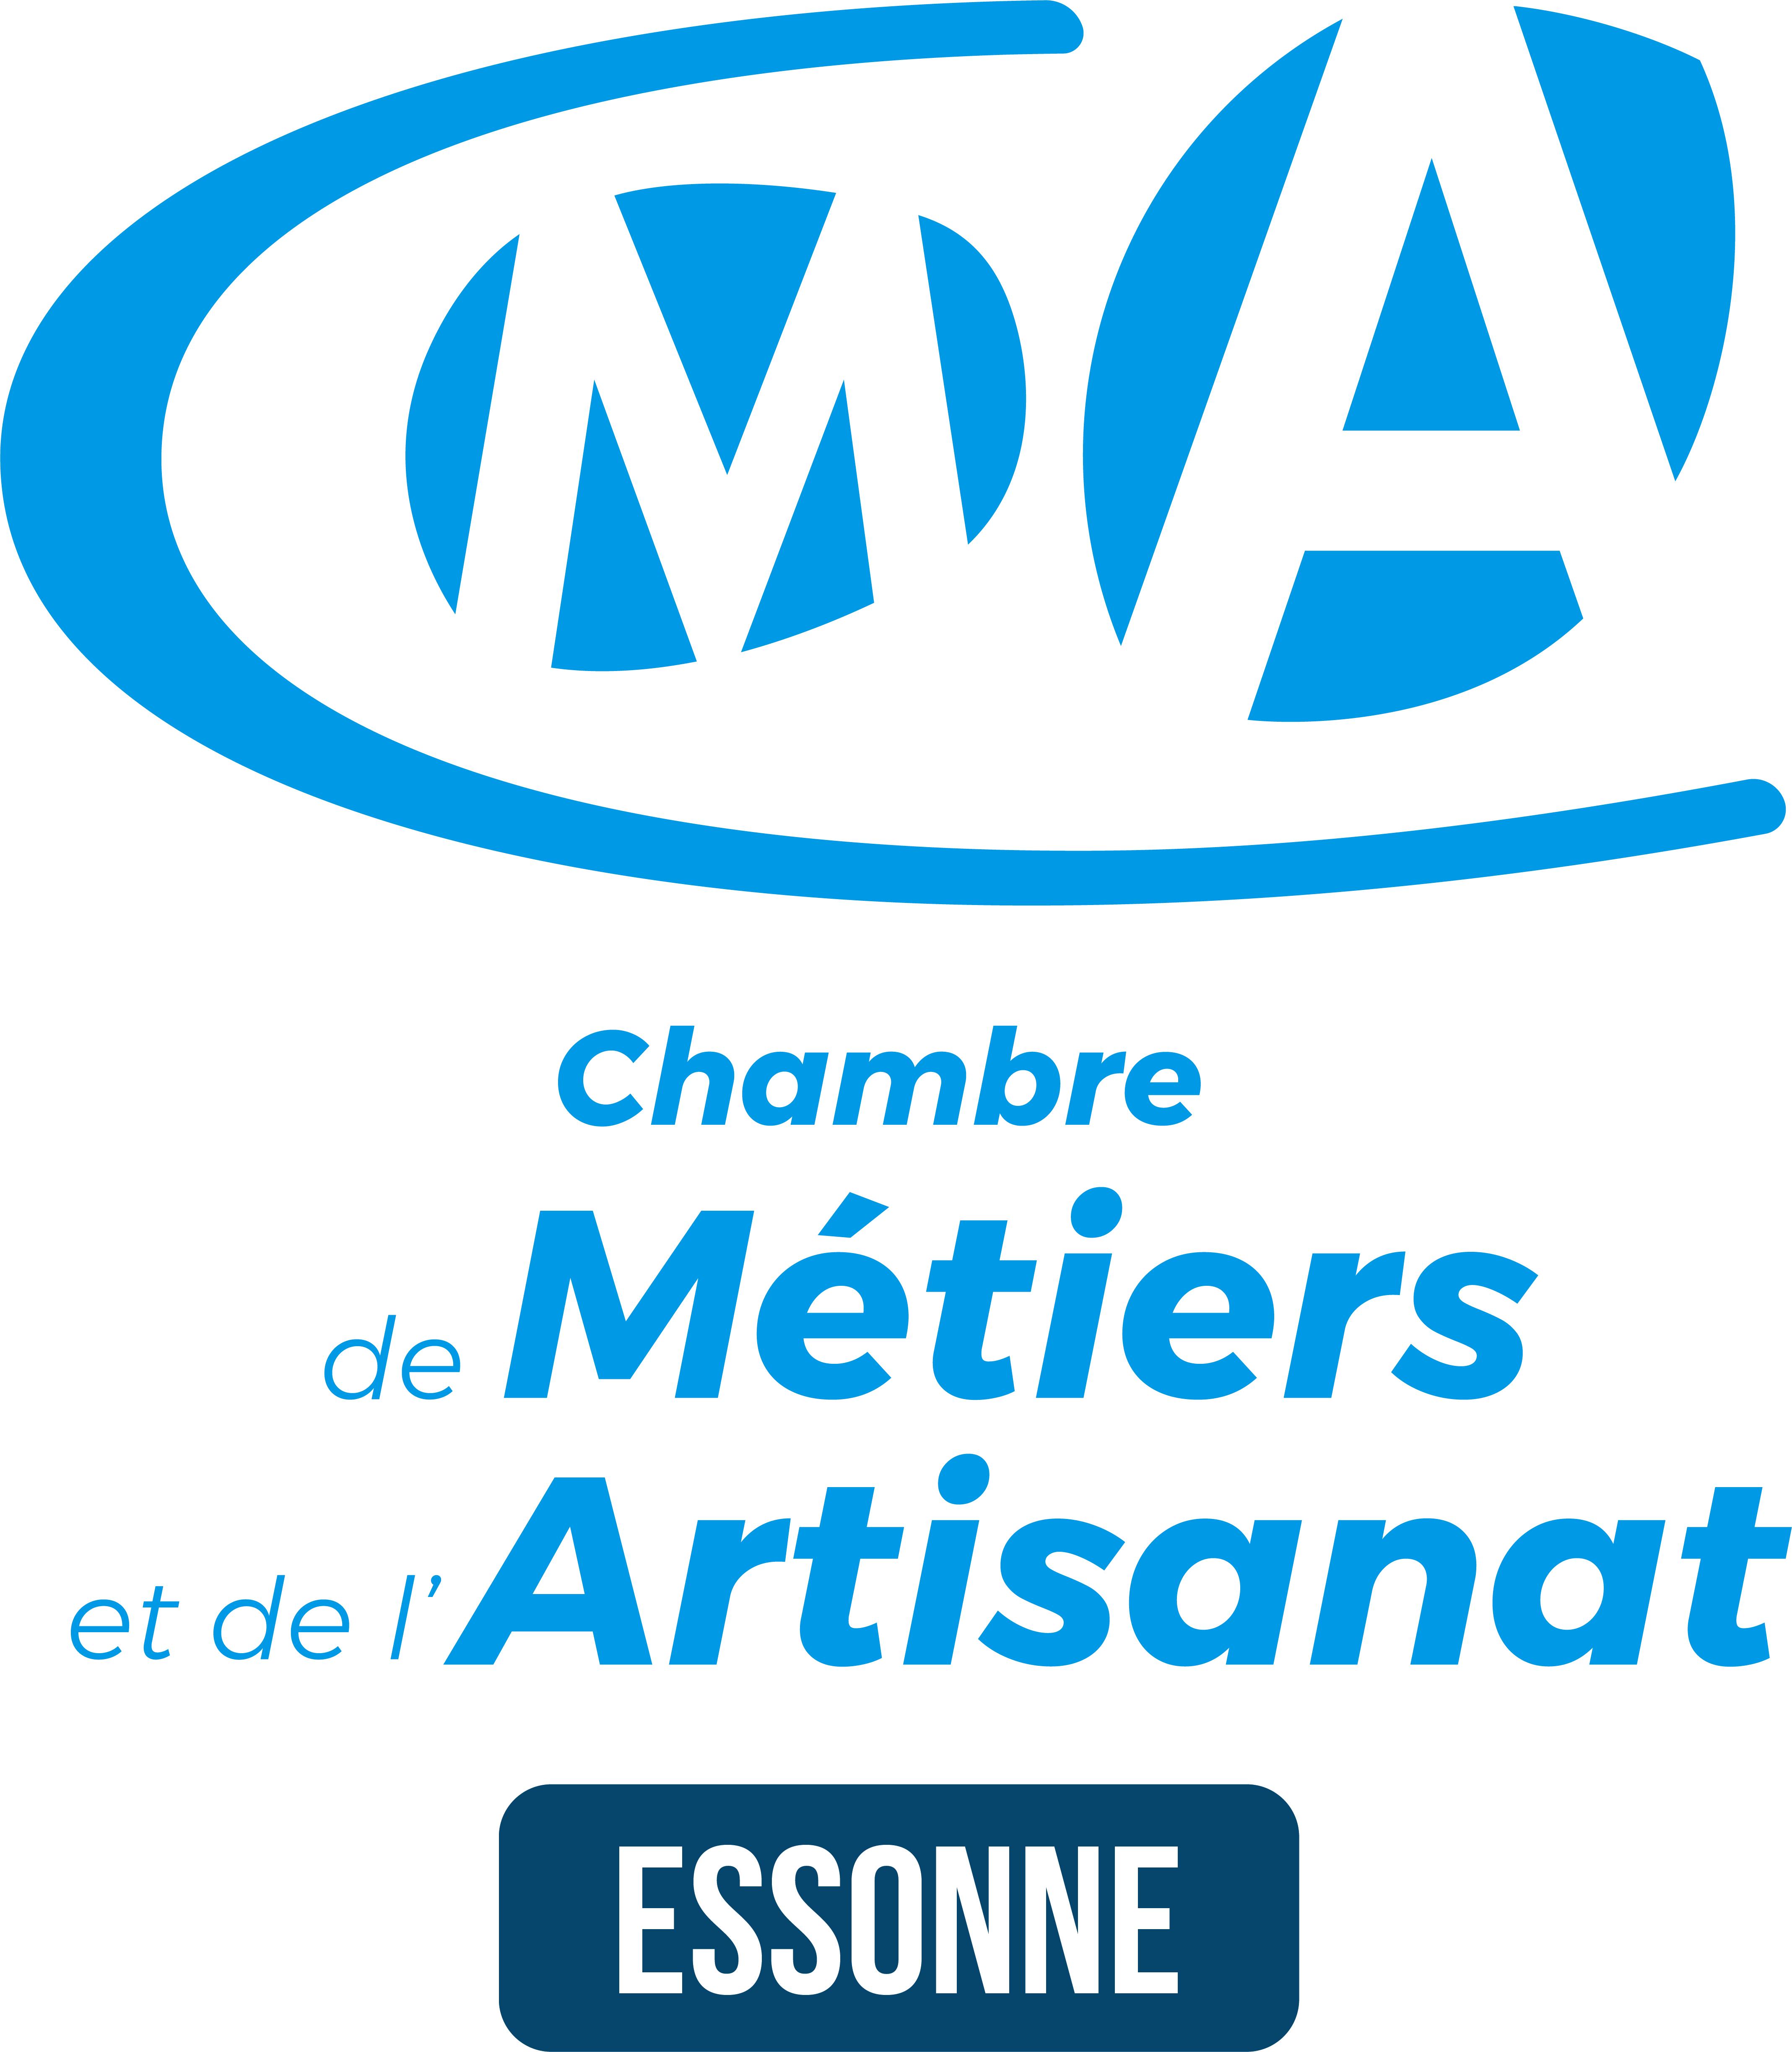 La Chambre de Métiers et de l'Artisanat de l'Essonne